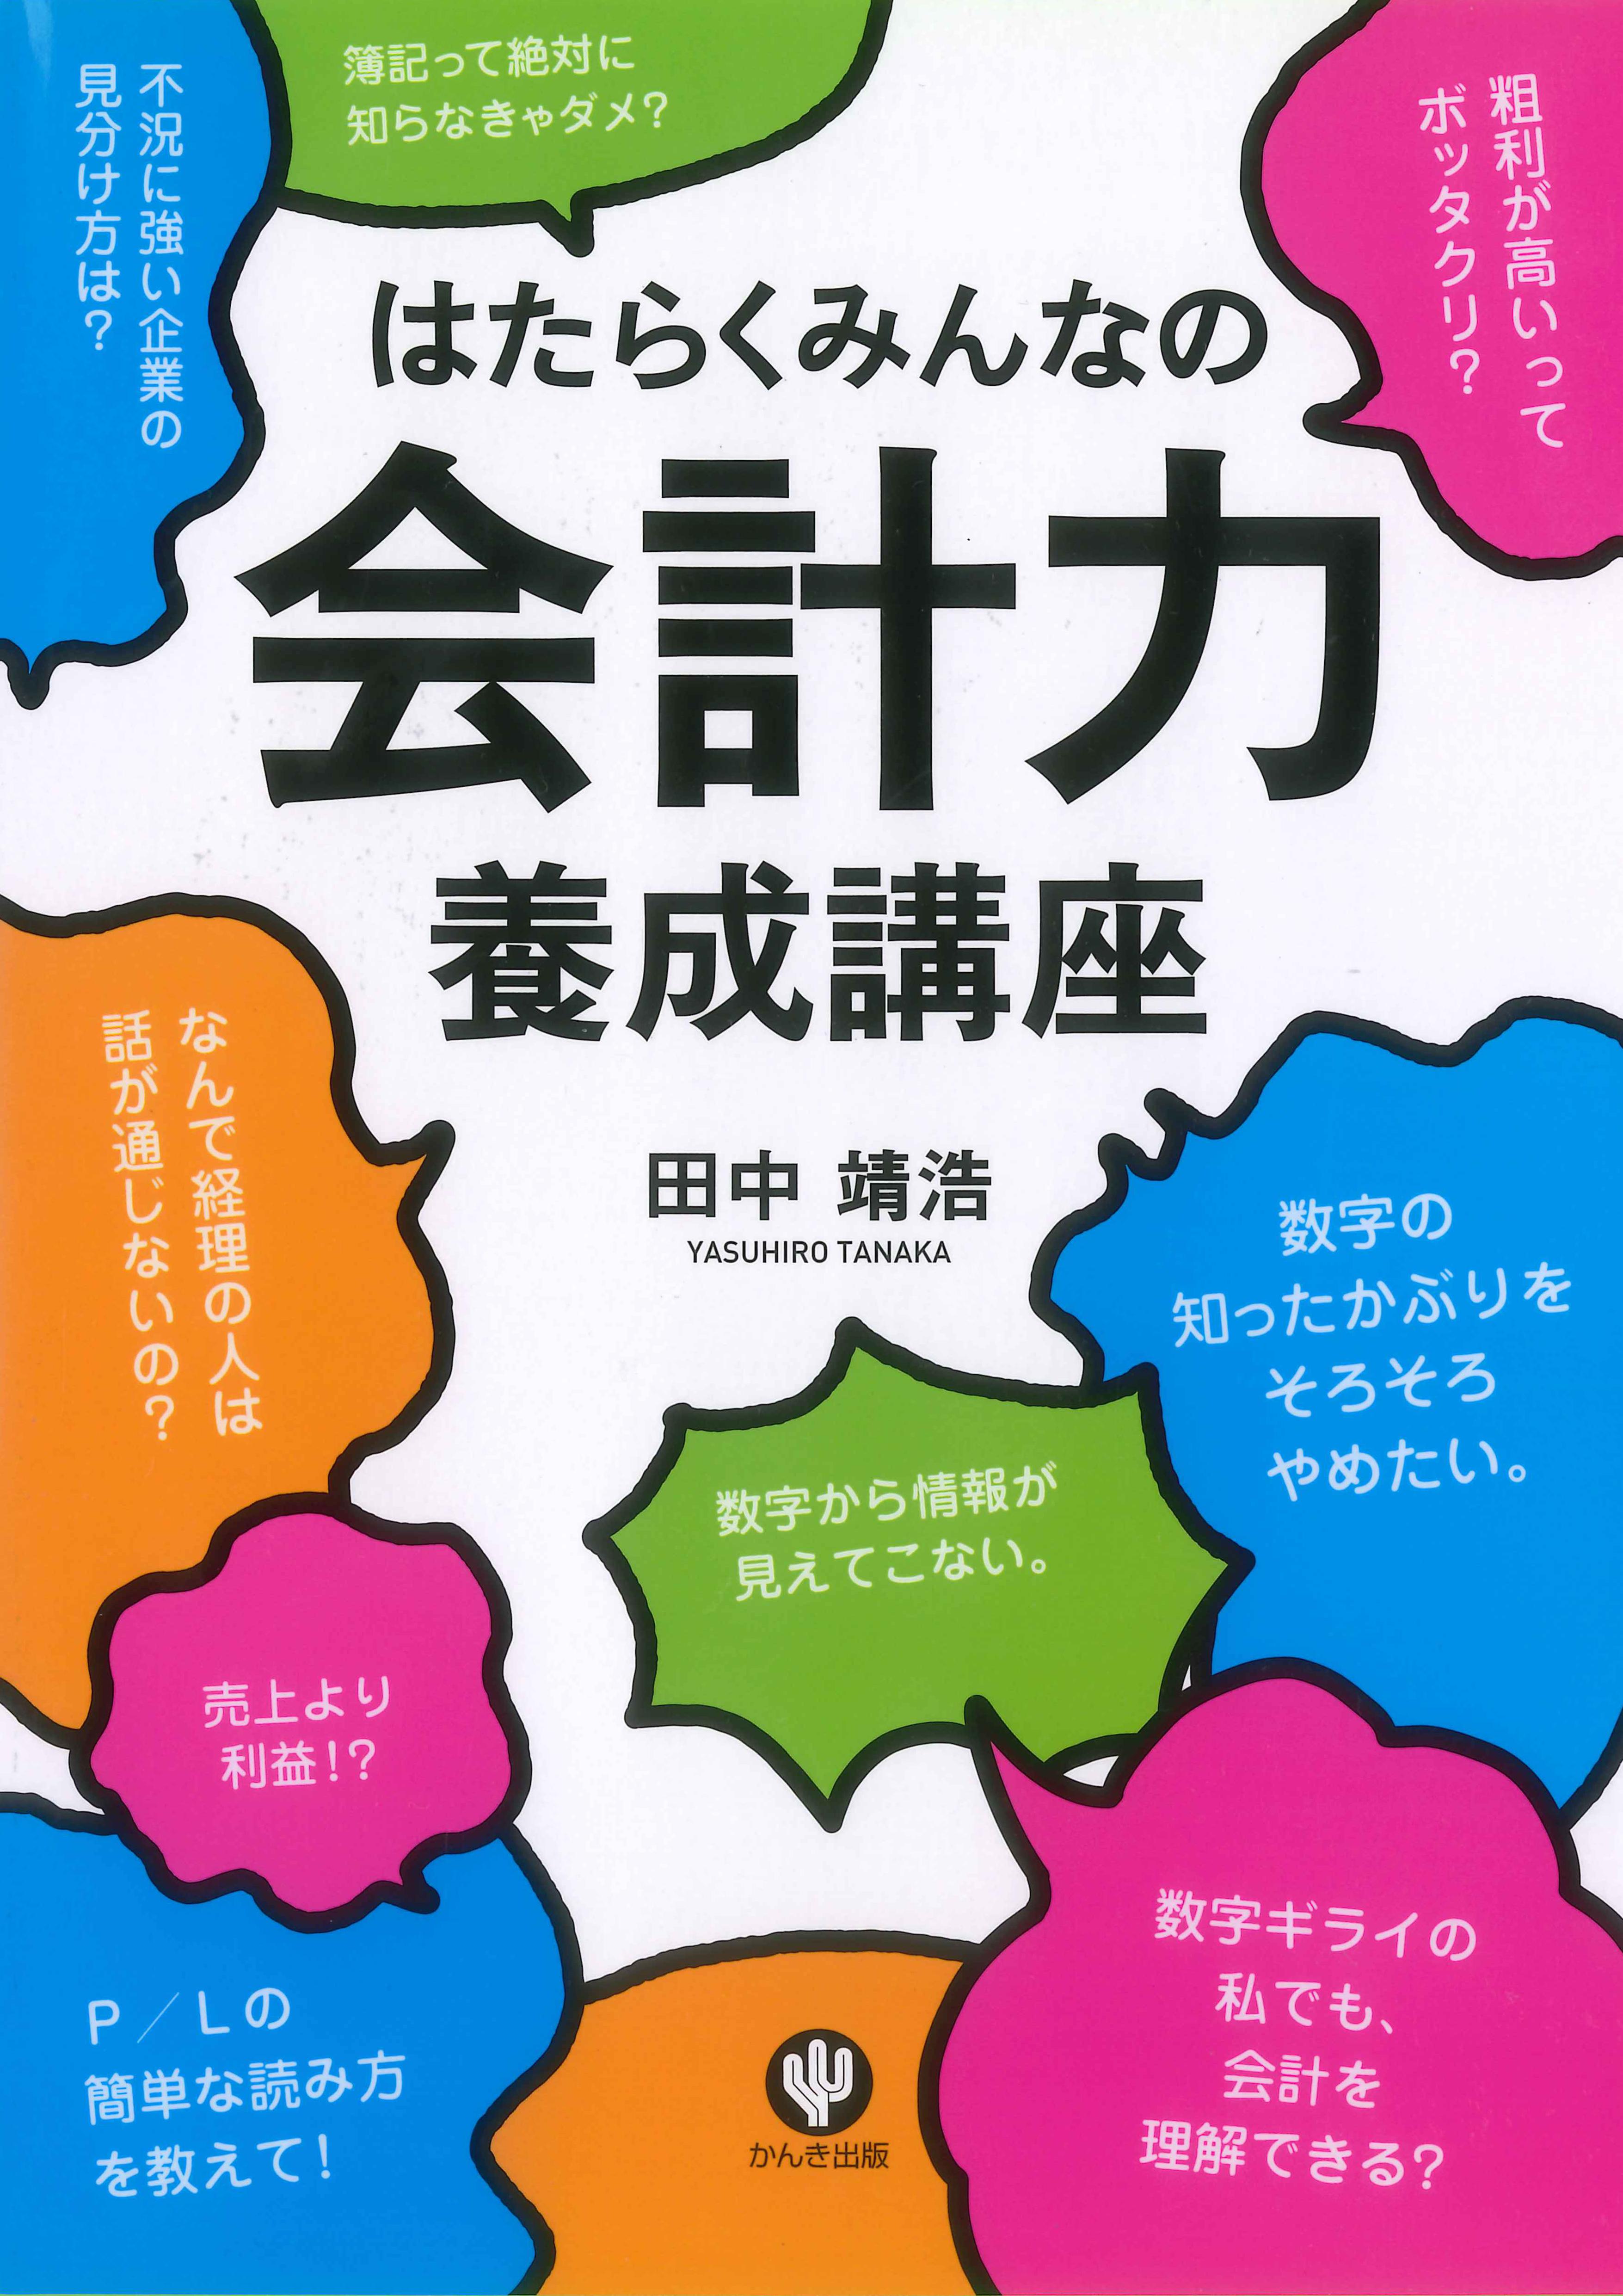 はたらくみんなの会計力養成講座 / 1